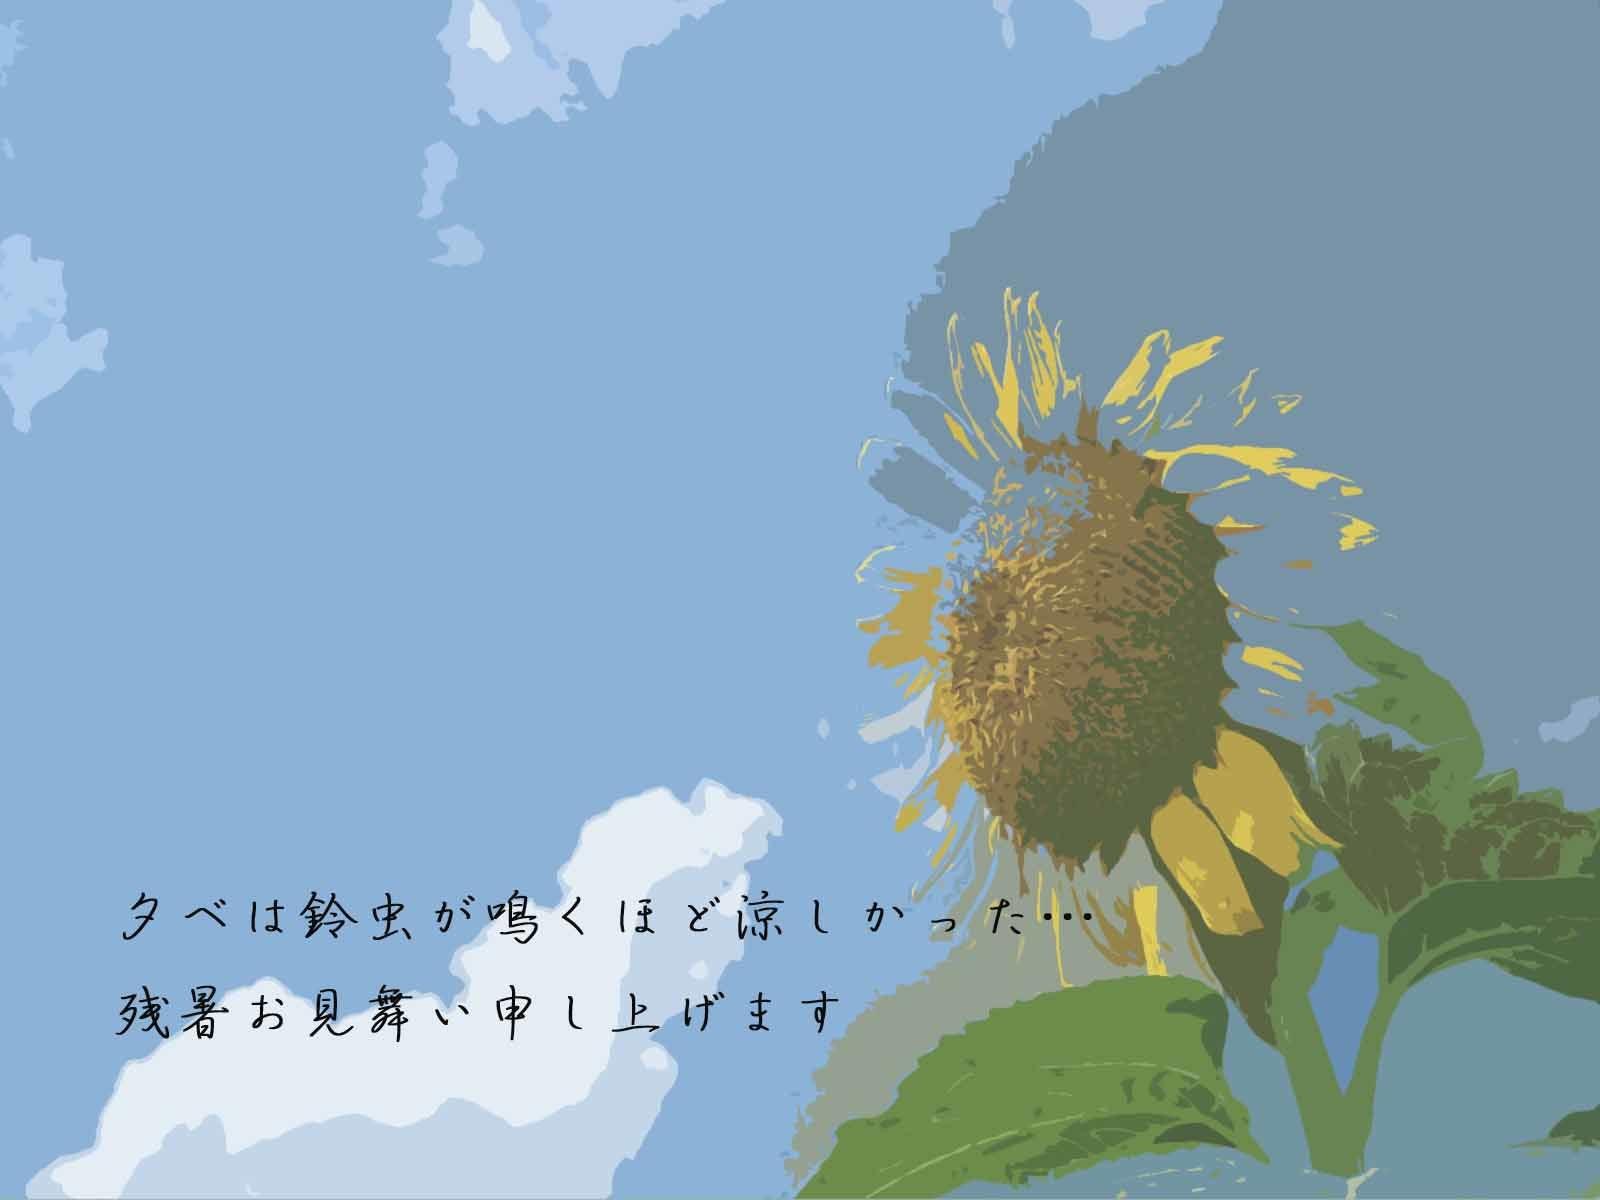 b0159995_19230611.jpg